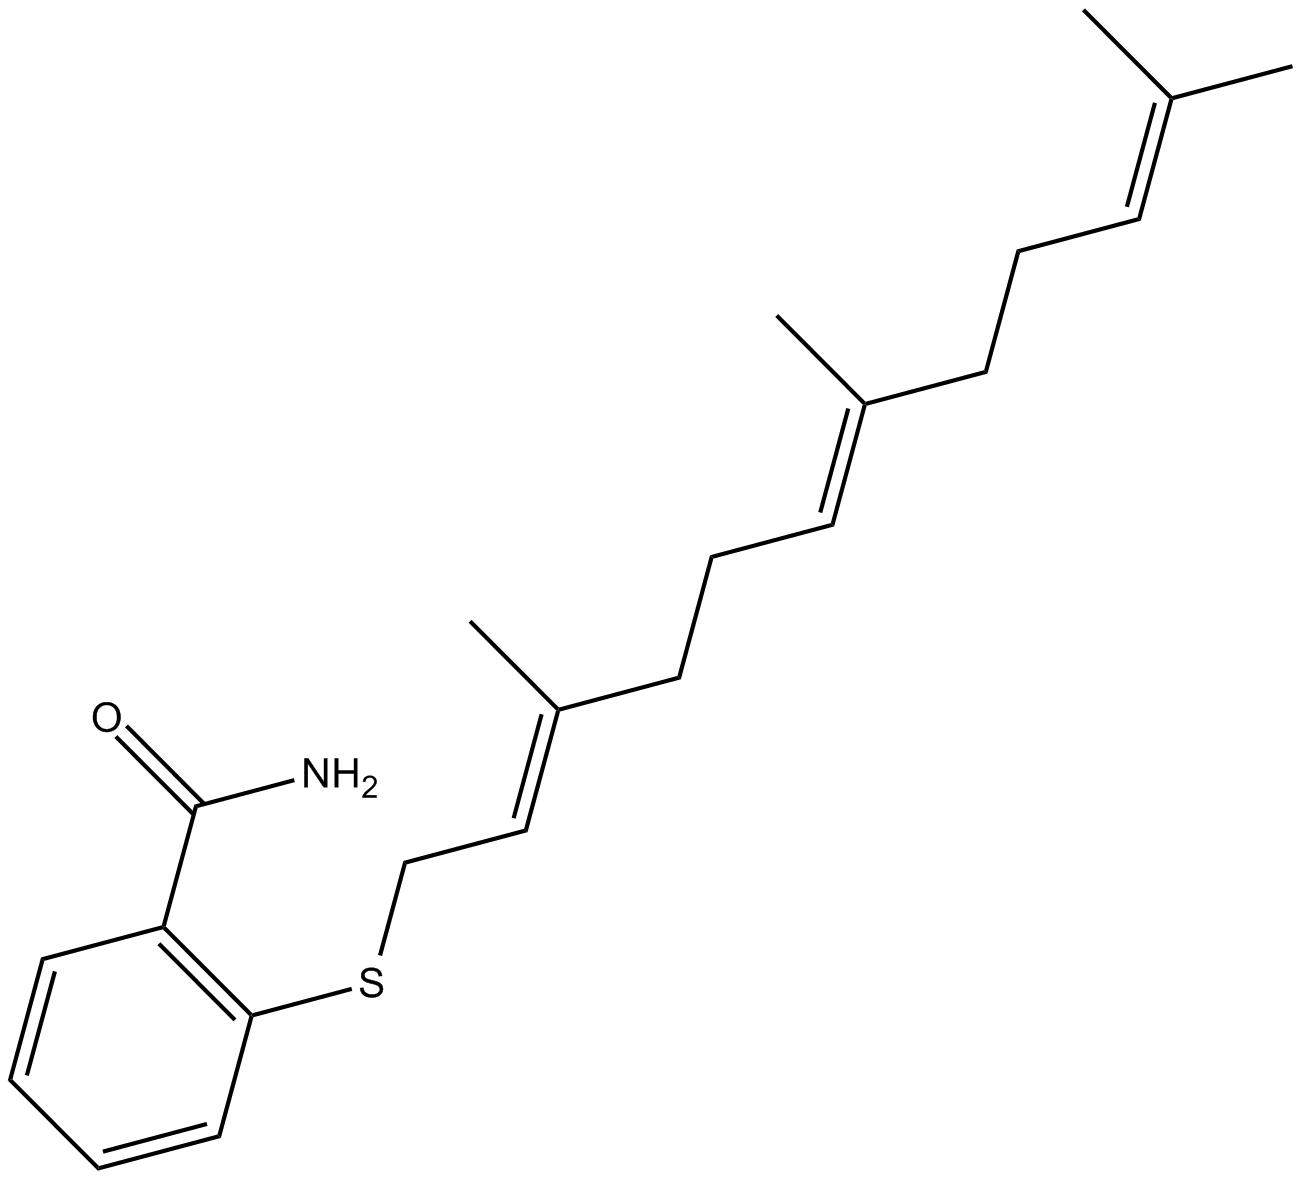 Farnesyl Thiosalicylic Acid Amide